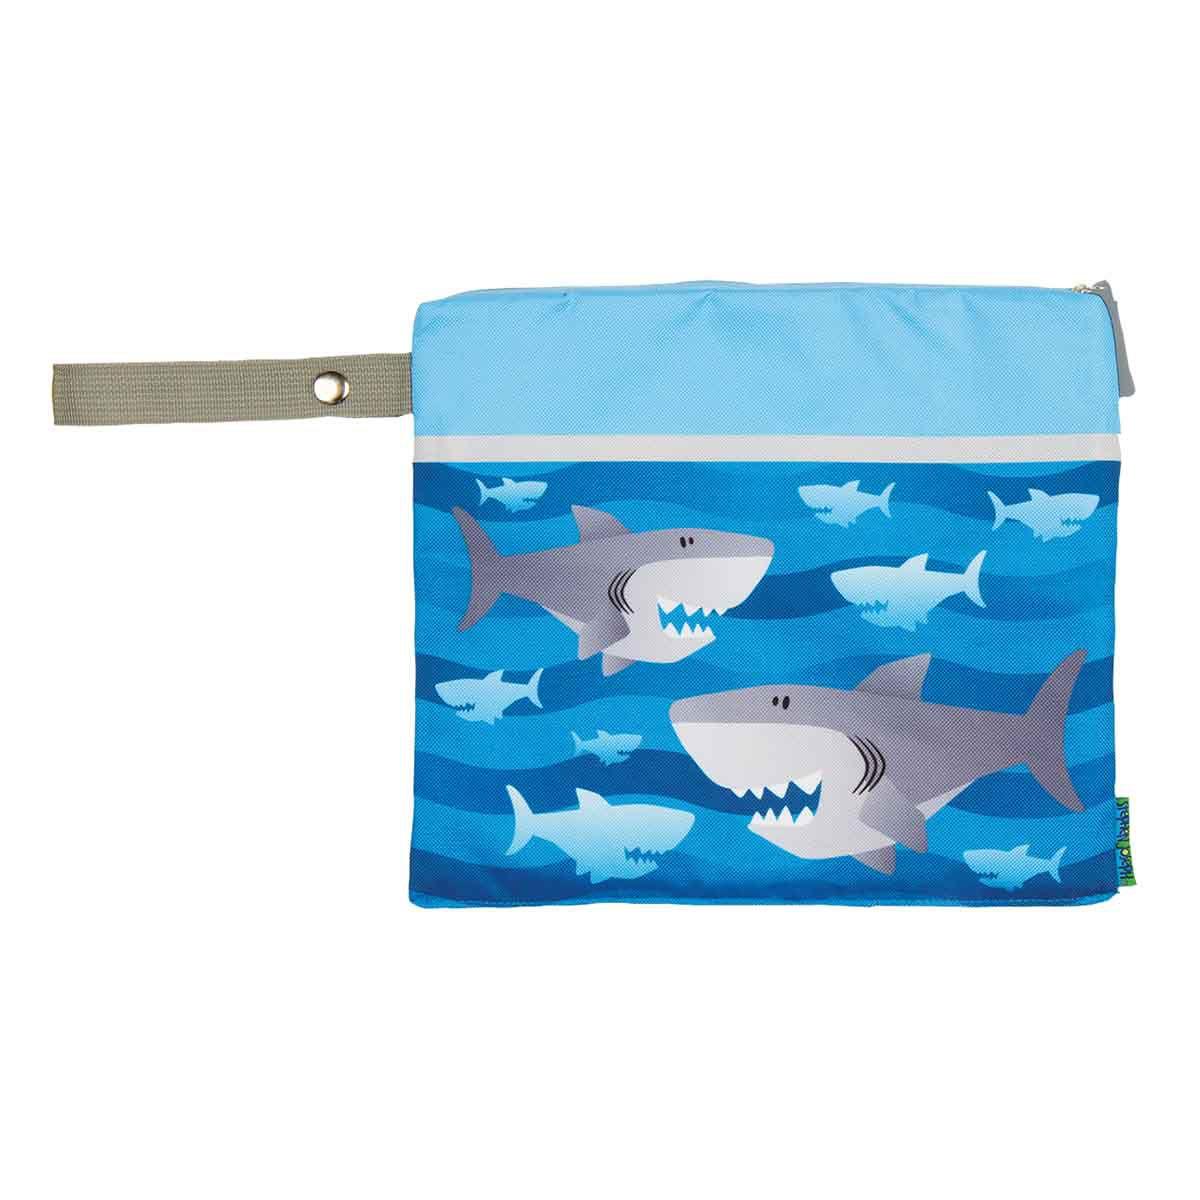 Bolsa Impermeavel Tubarão - Stephen Joseph